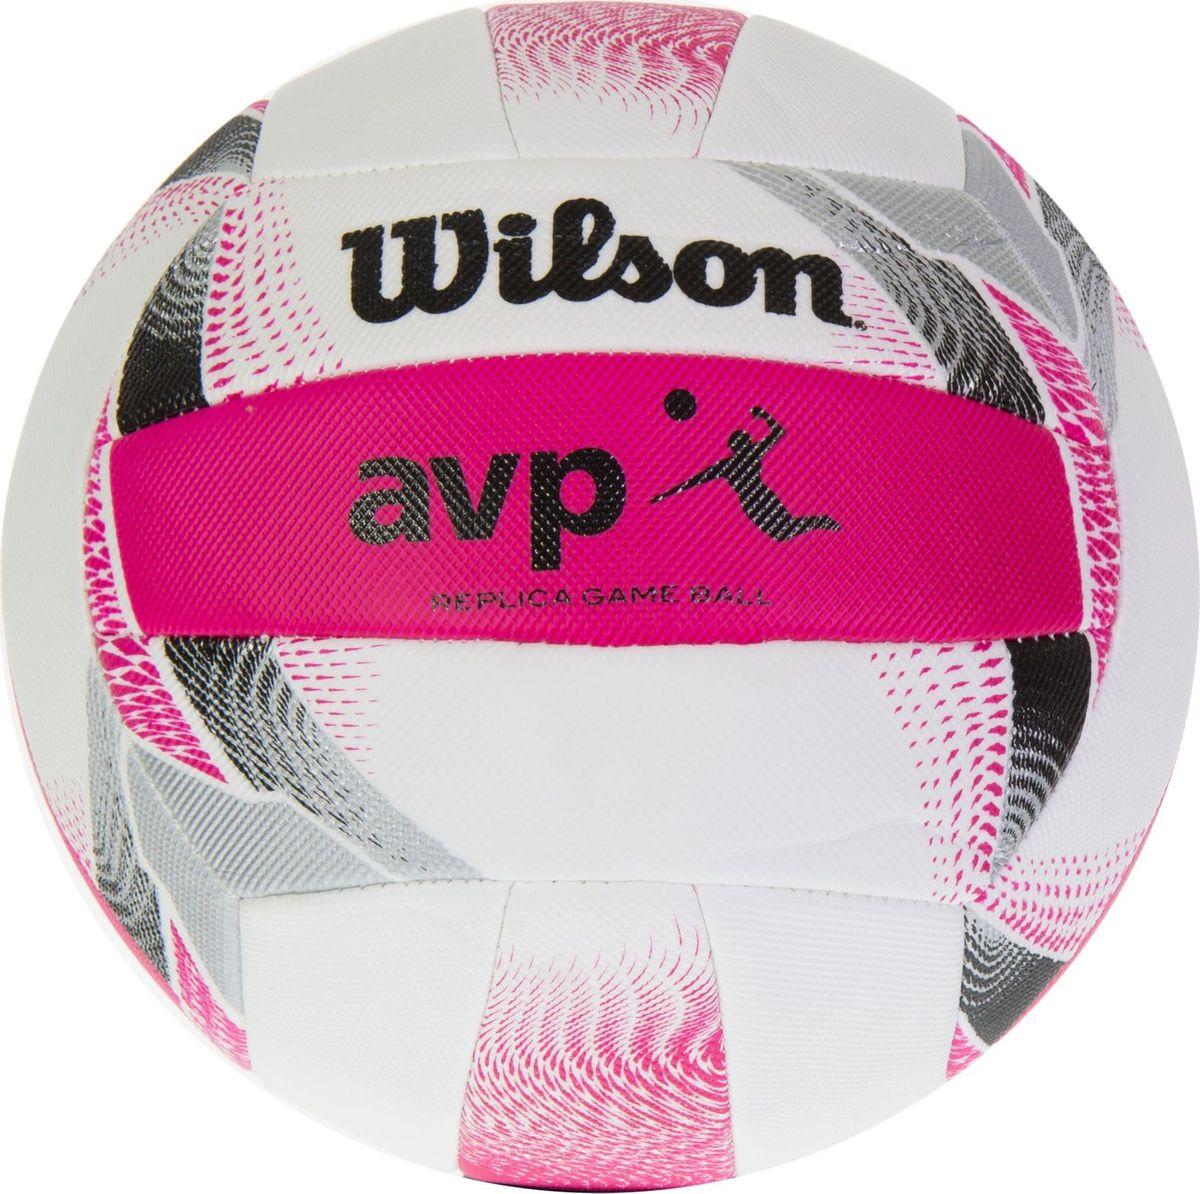 Мяч волейбольный Wilson AVP II Replica, цвет: белый, розовый120335_red/whiteПремимум серия Replicа, созданная специально для профессиональной лиги пляжного волейбола. Текстурное кожаное покрытие для повышенной износостойкости и невероятного ощущения. 18-панельная шовная констуркция для сохранения формы мяча.